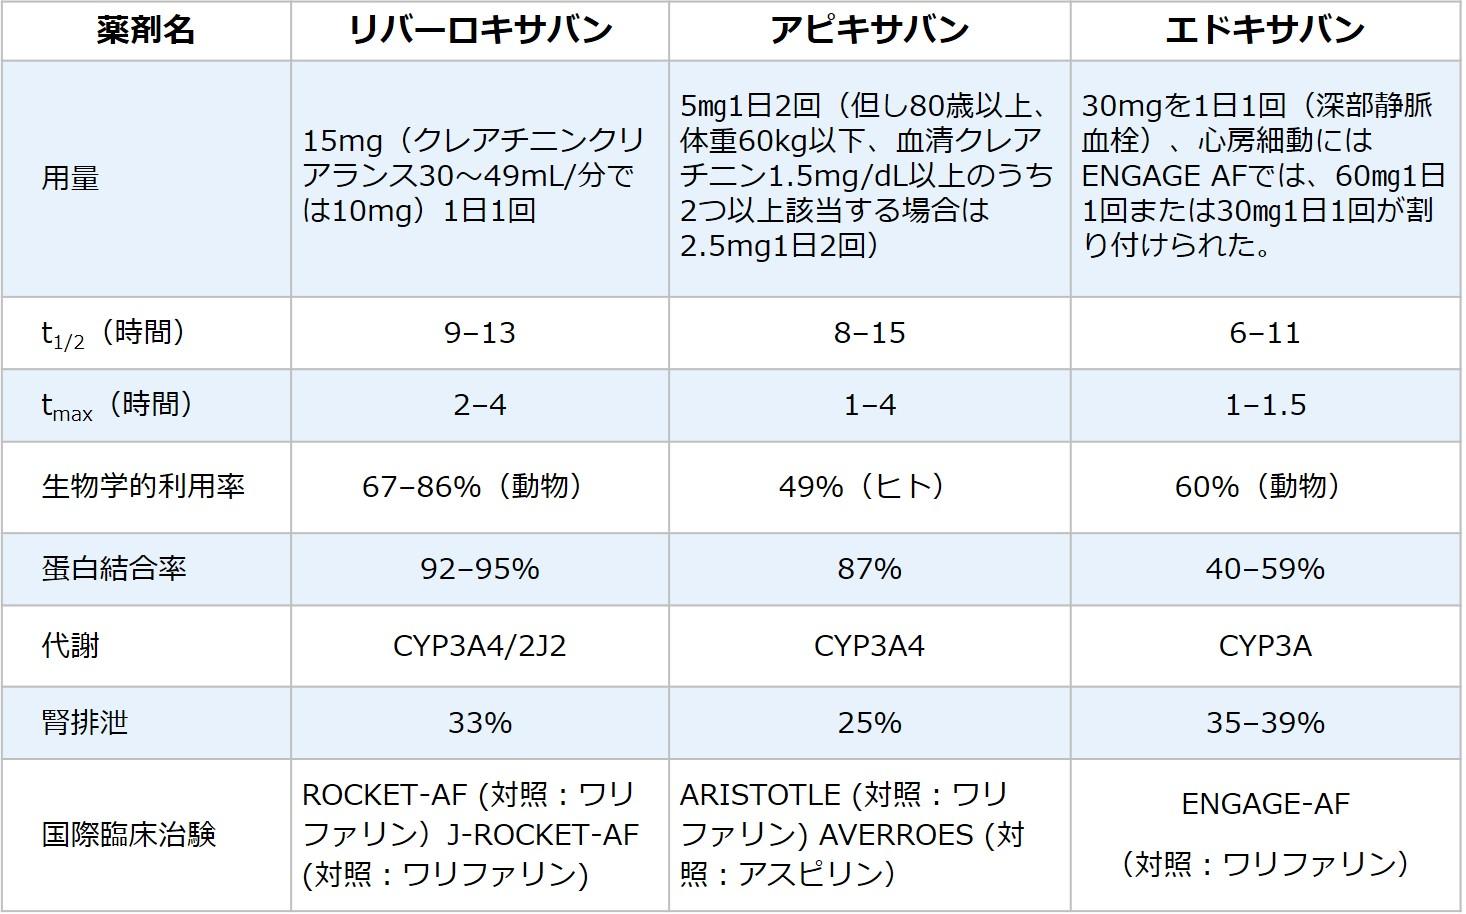 表1.経口活性化凝固第X因子阻害薬の抗凝固薬の特徴(Ogawa S, et al: Circ J 75: 1539-1547, 2011改変引用)